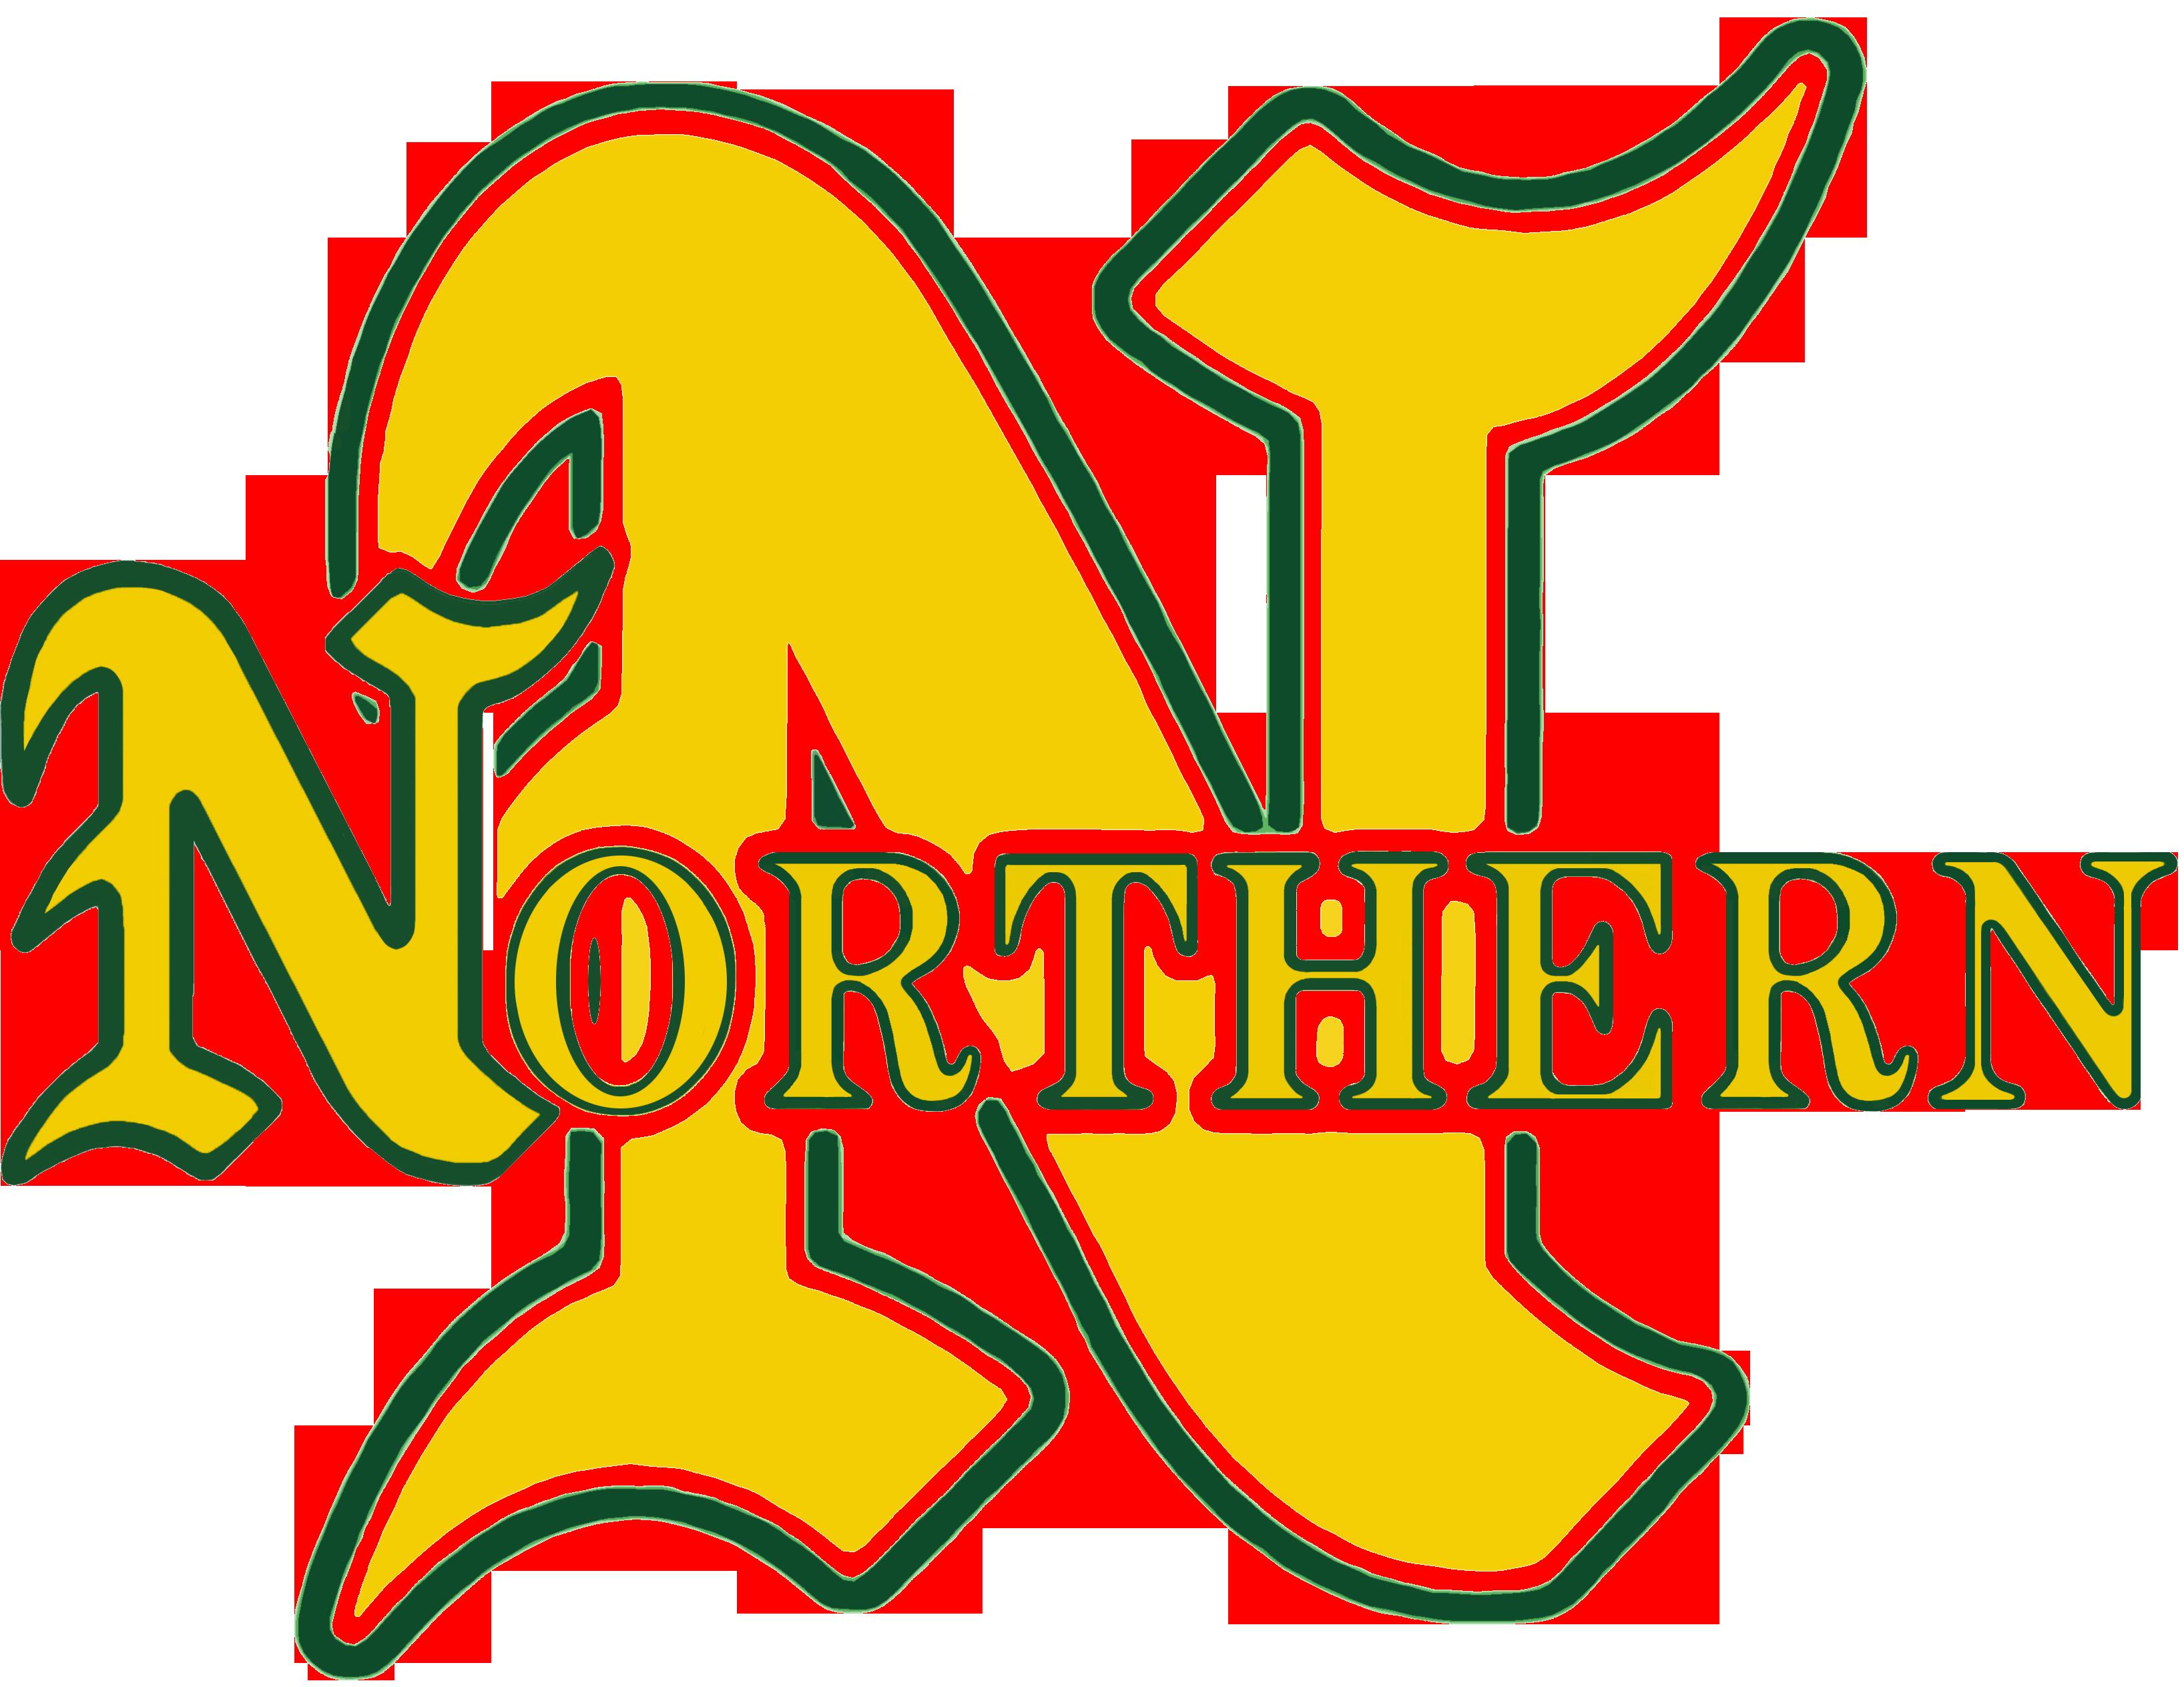 Northern N